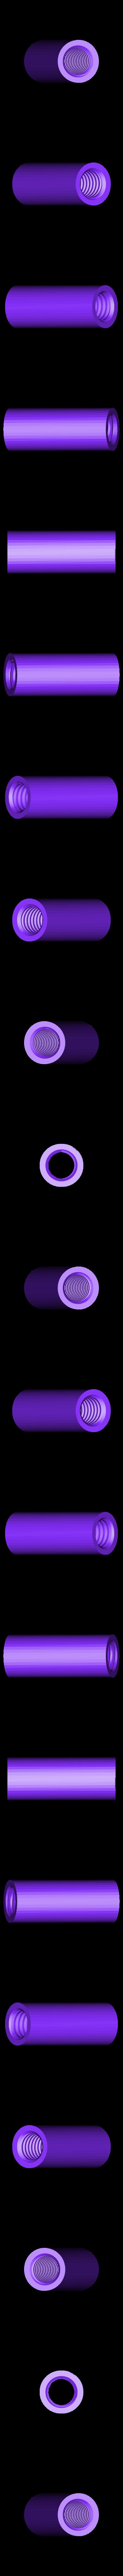 raccord moyeux.STL Download free STL file charrette 2 roue • Object to 3D print, trixo416